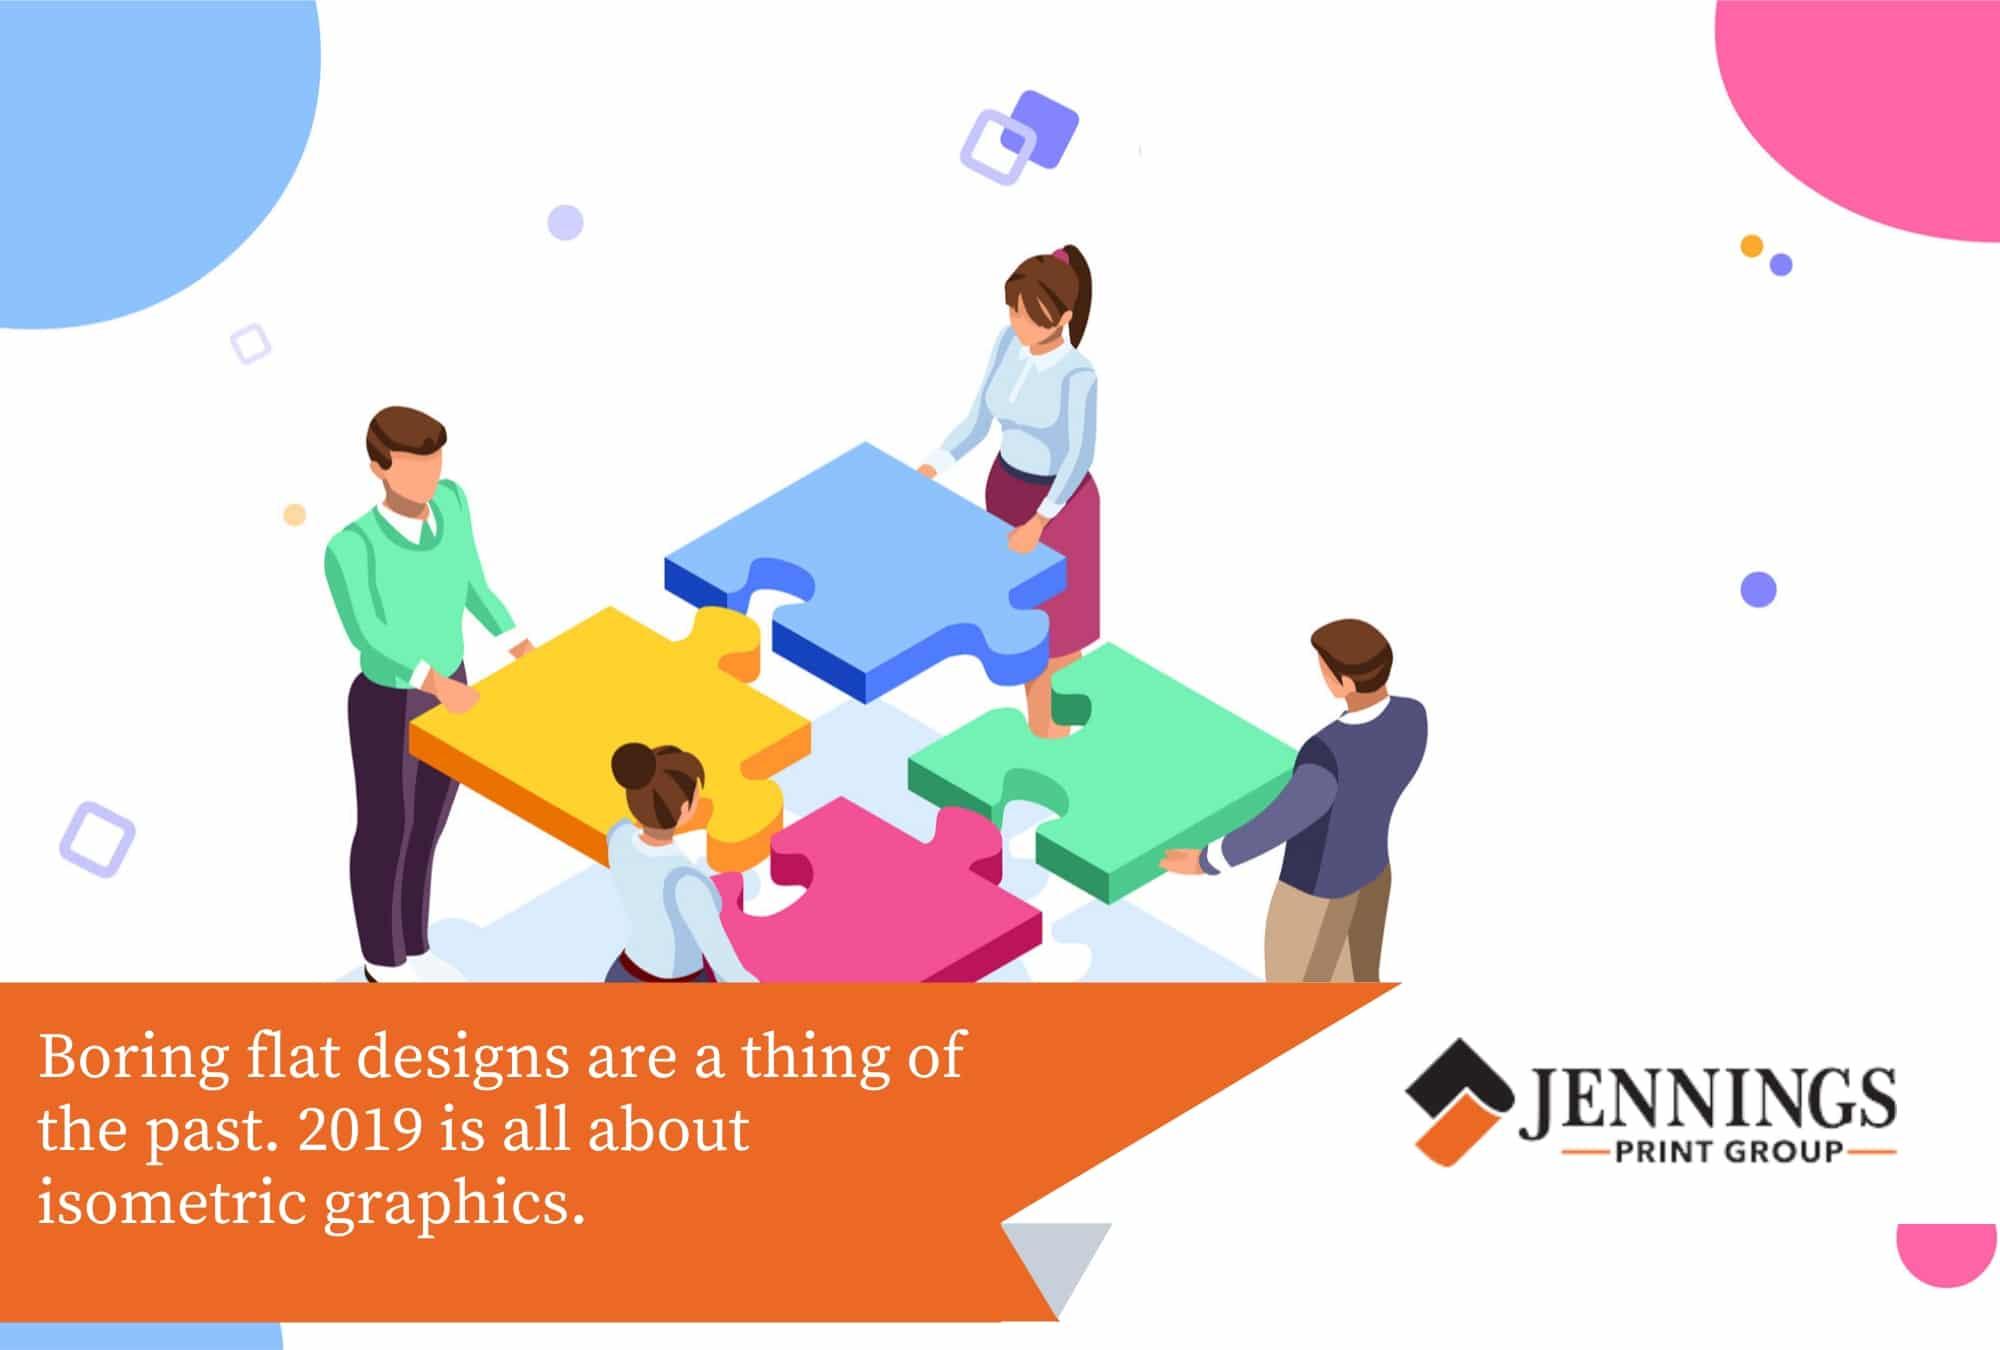 isometric graphics